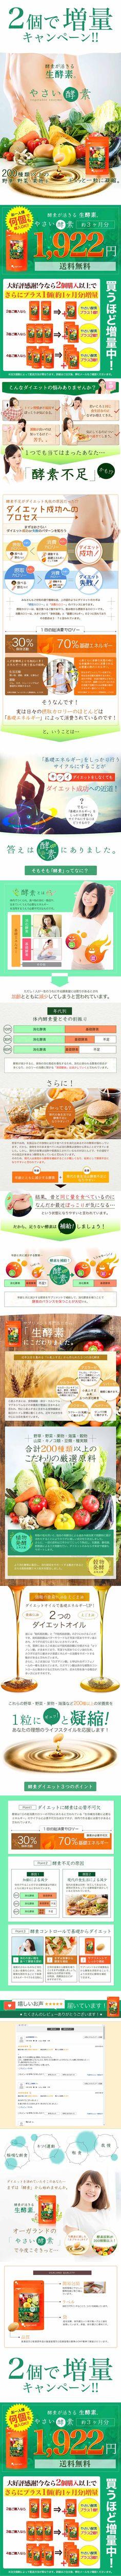 やさい酵素【健康・美容食品関連】のLPデザイン。WEBデザイナーさん必見!ランディングページのデザイン参考に(力強い系)